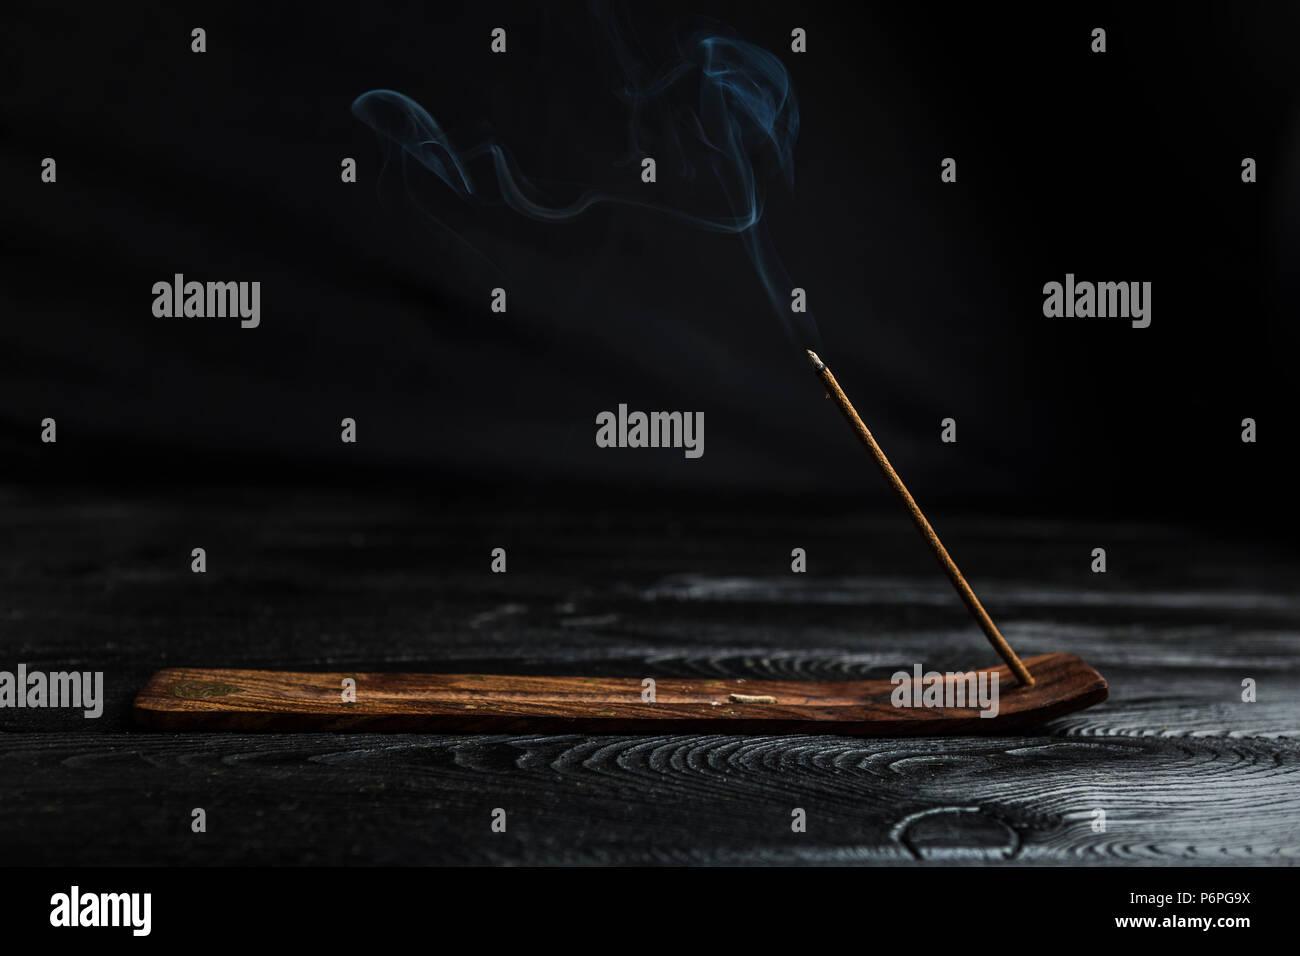 Aromático palo ardiendo y emite mucho humo. Foto de stock